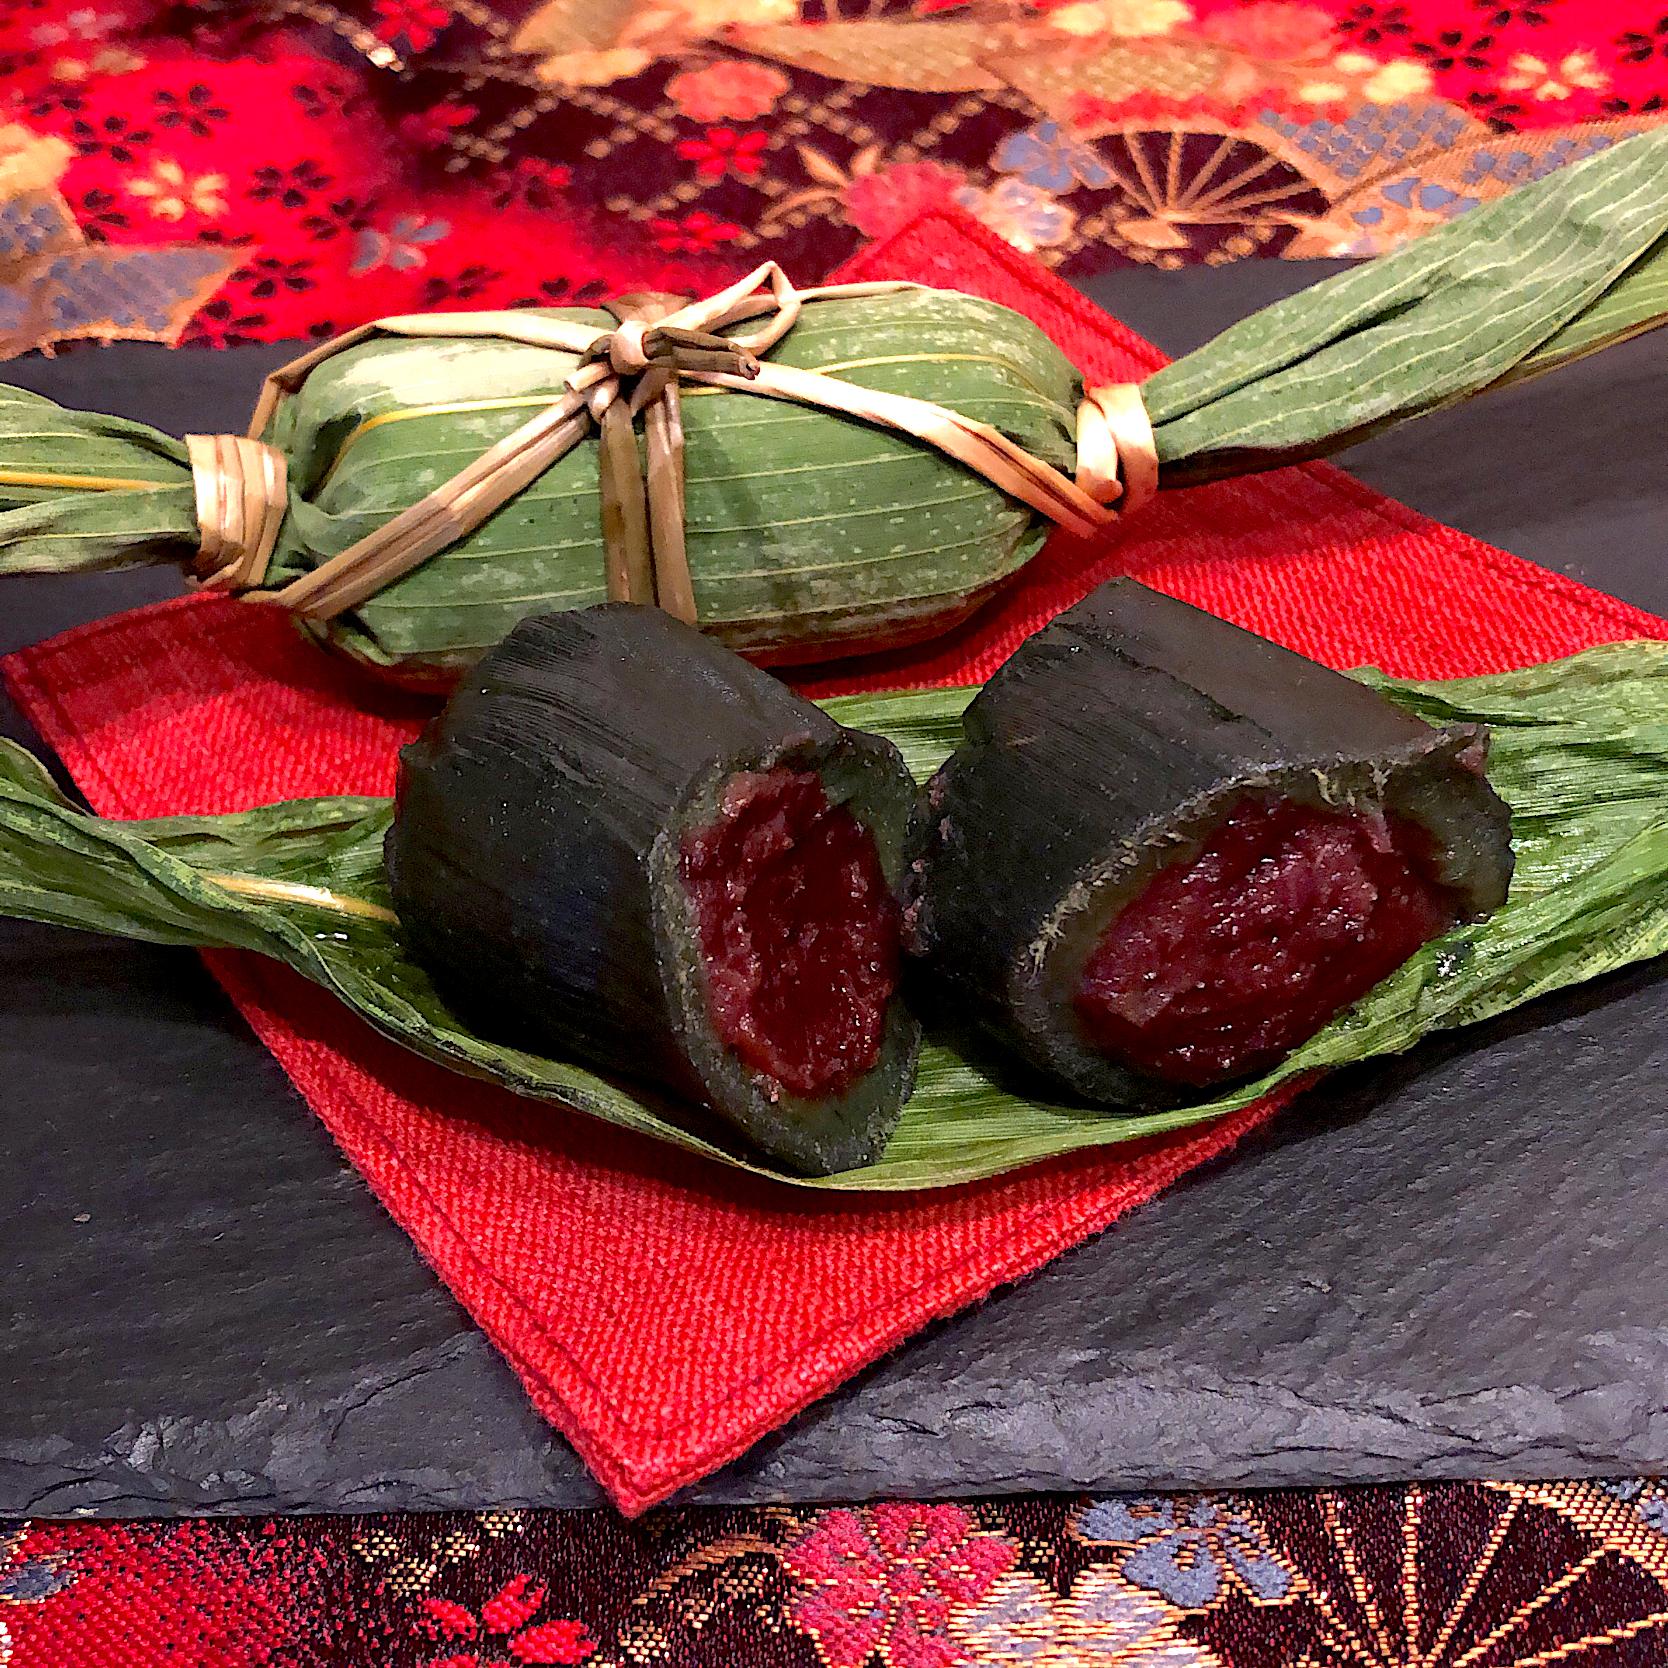 なぜ笹で包むの?新潟の伝統菓子「笹団子」の歴史や由来の画像